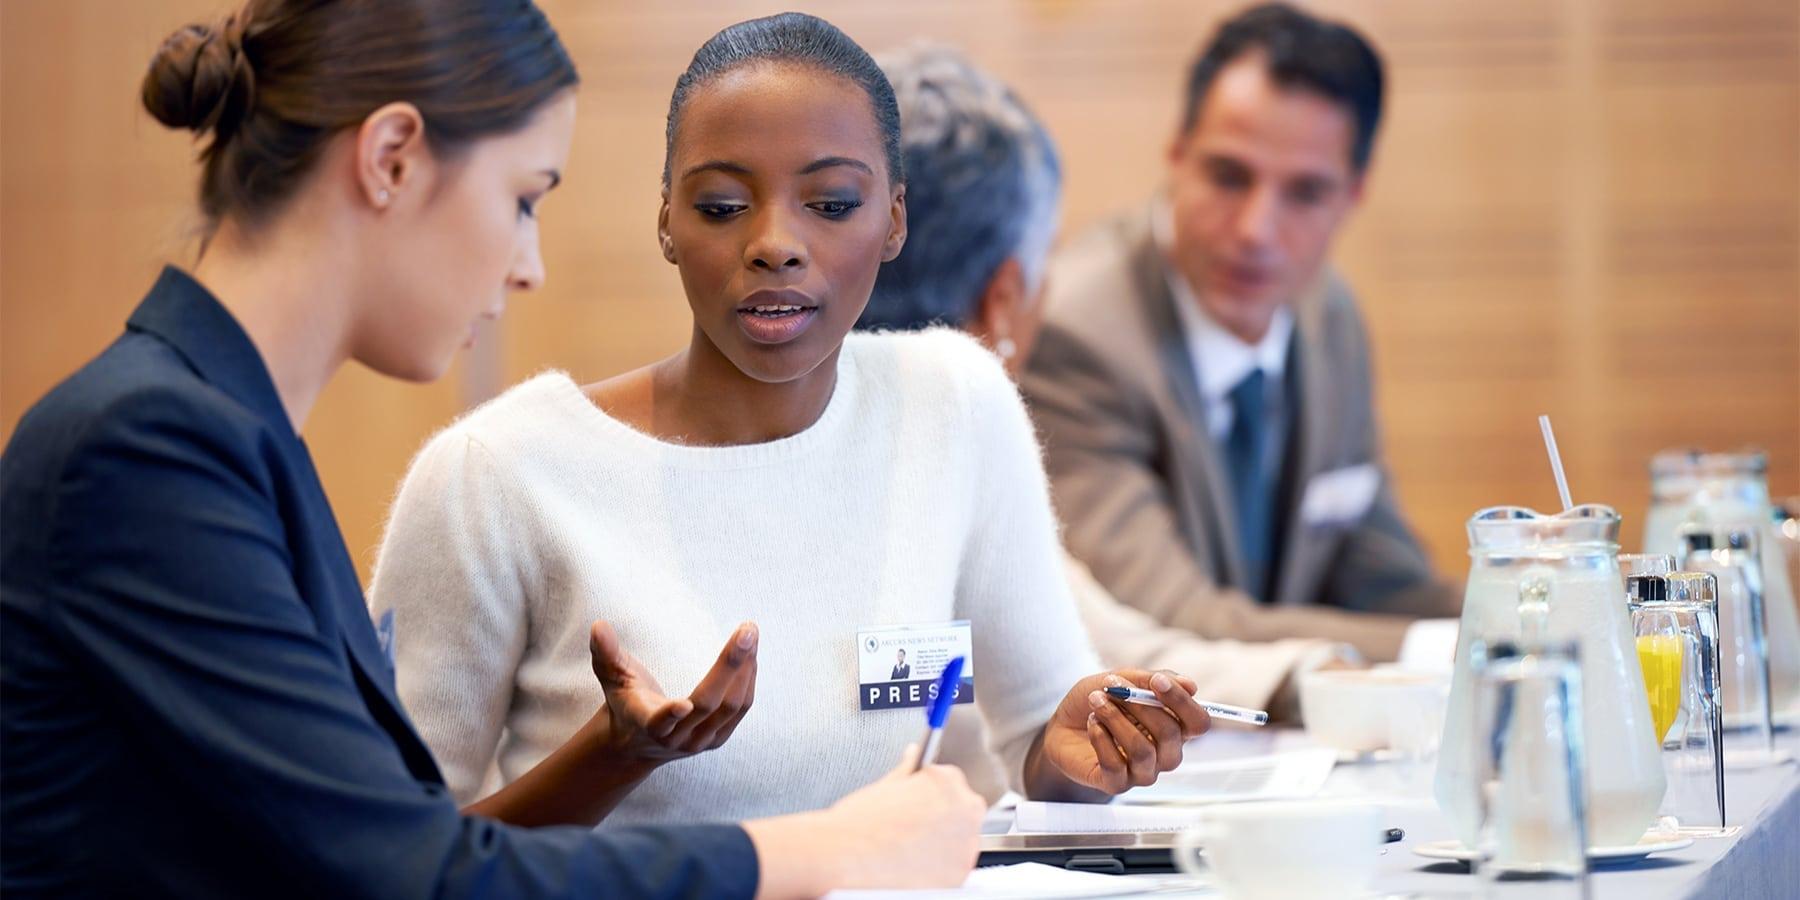 Female entrepreneurs speaking on a panel